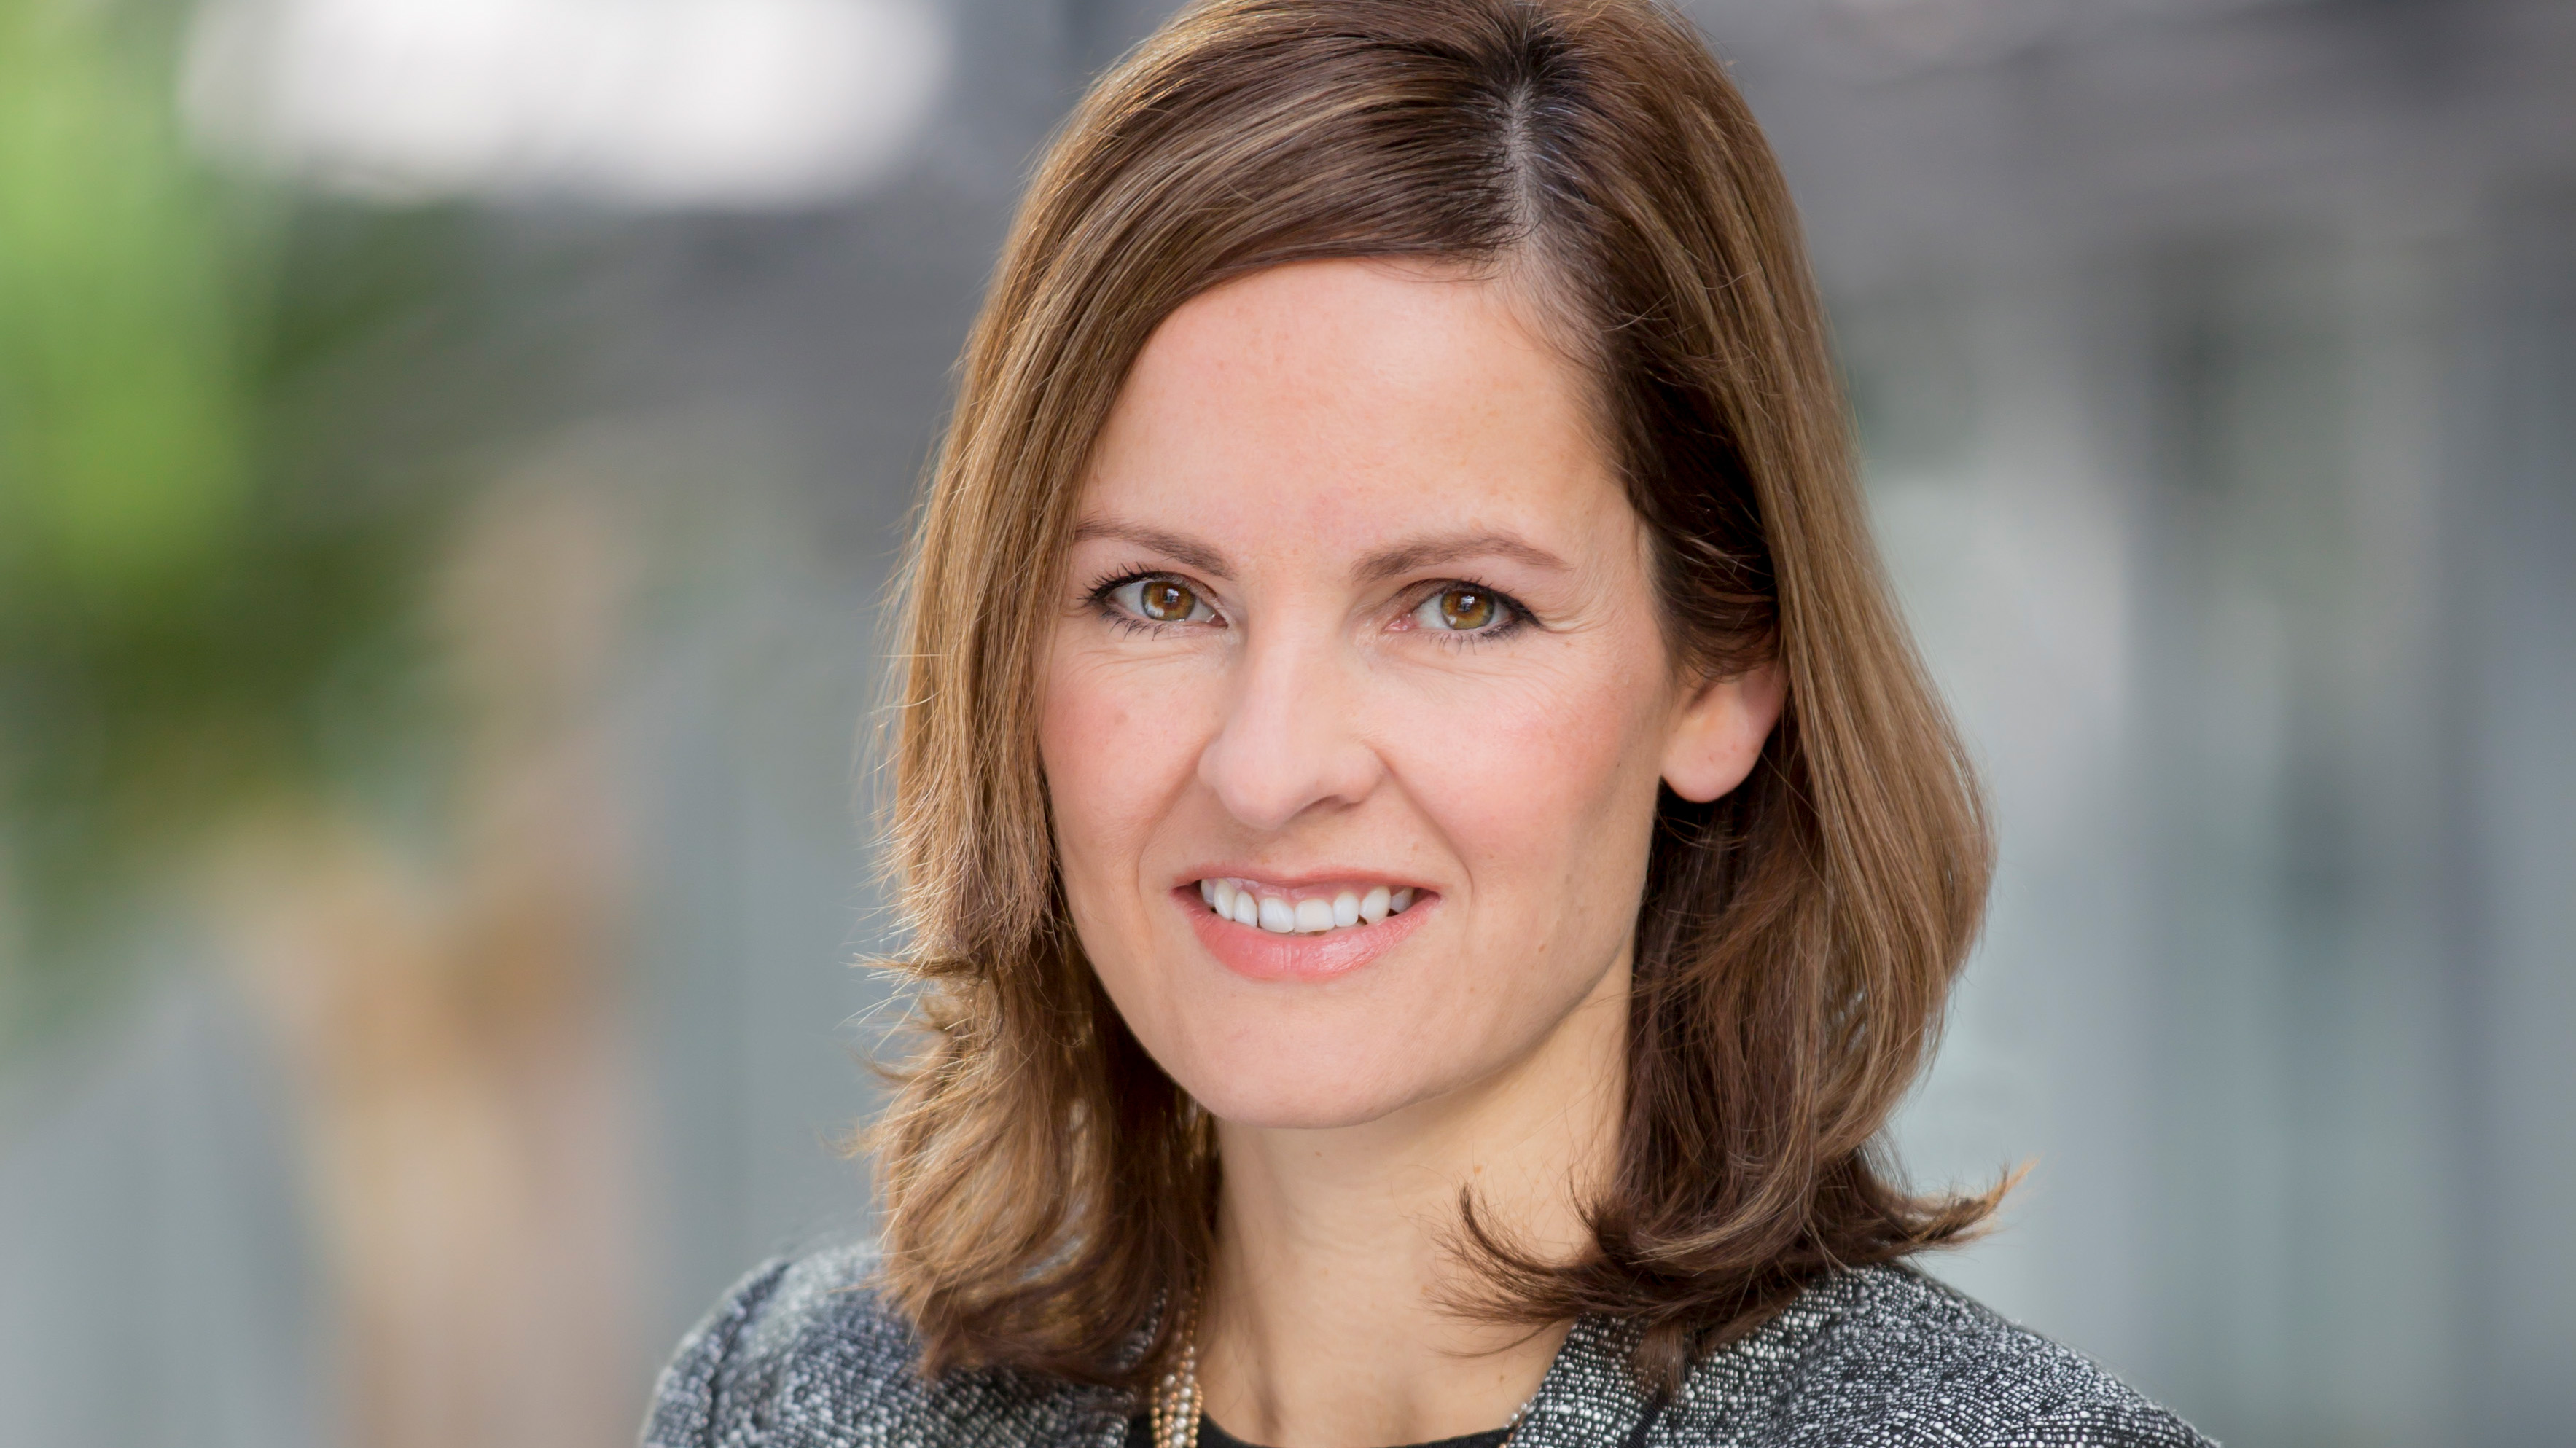 Stephanie Fröhling